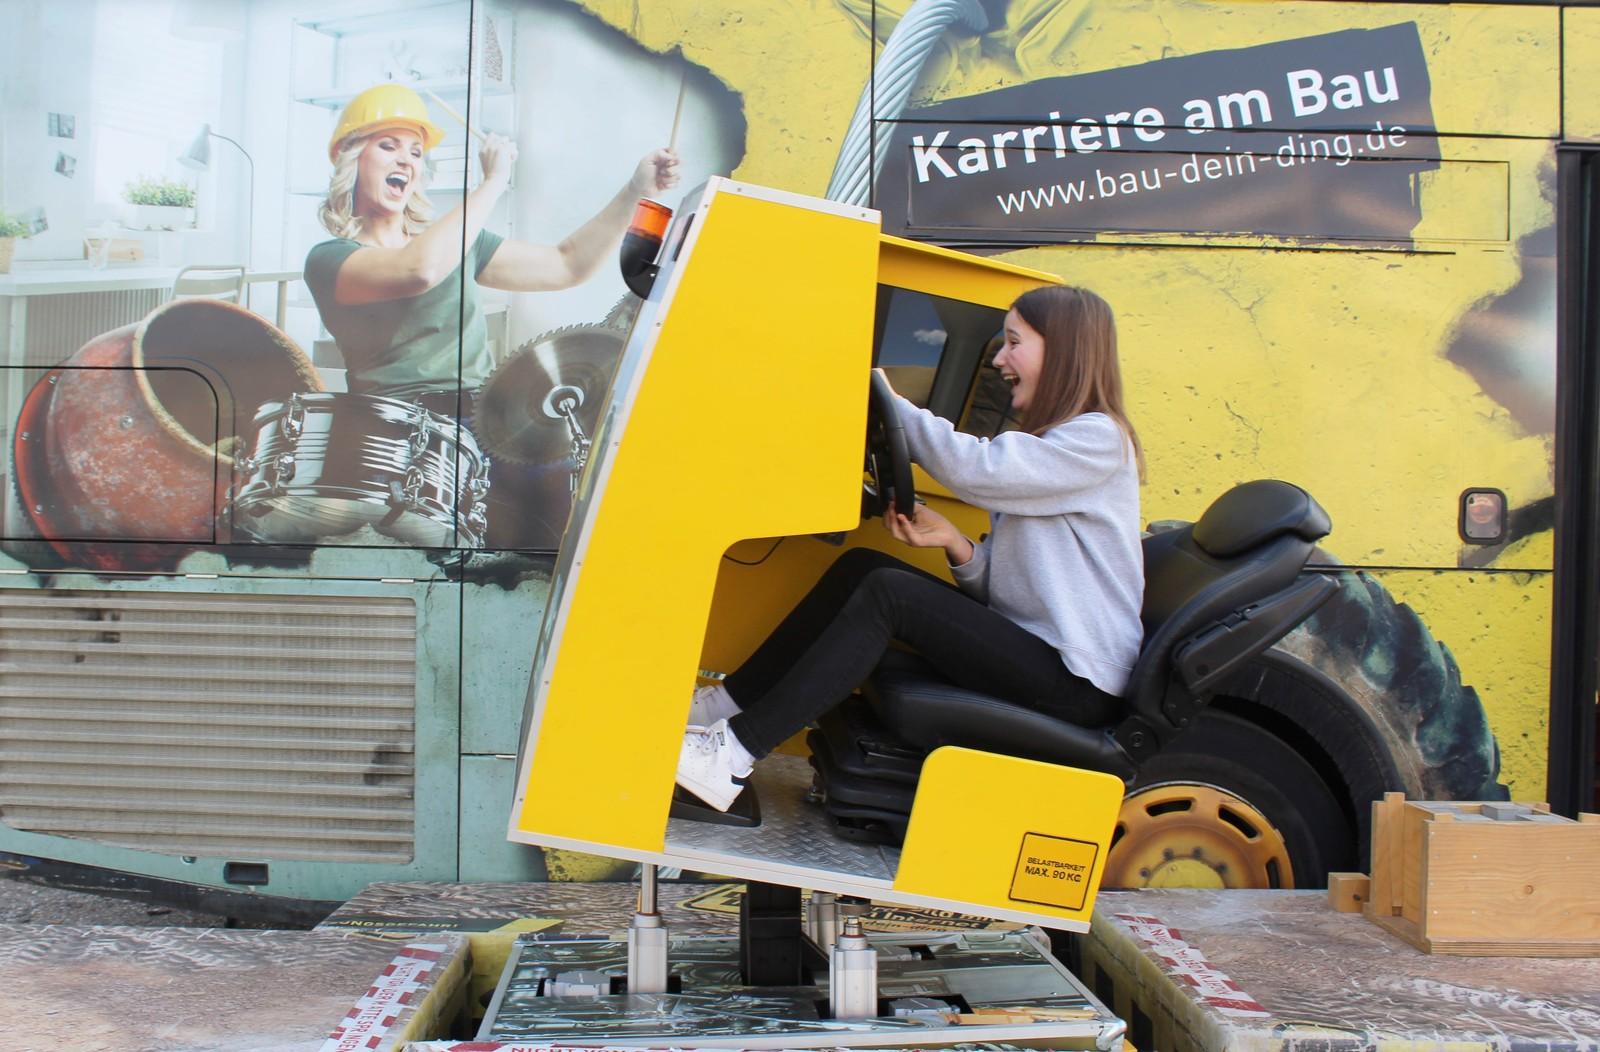 Im Bau-Simulator kann das Fahren eines Radladers geübt werden.